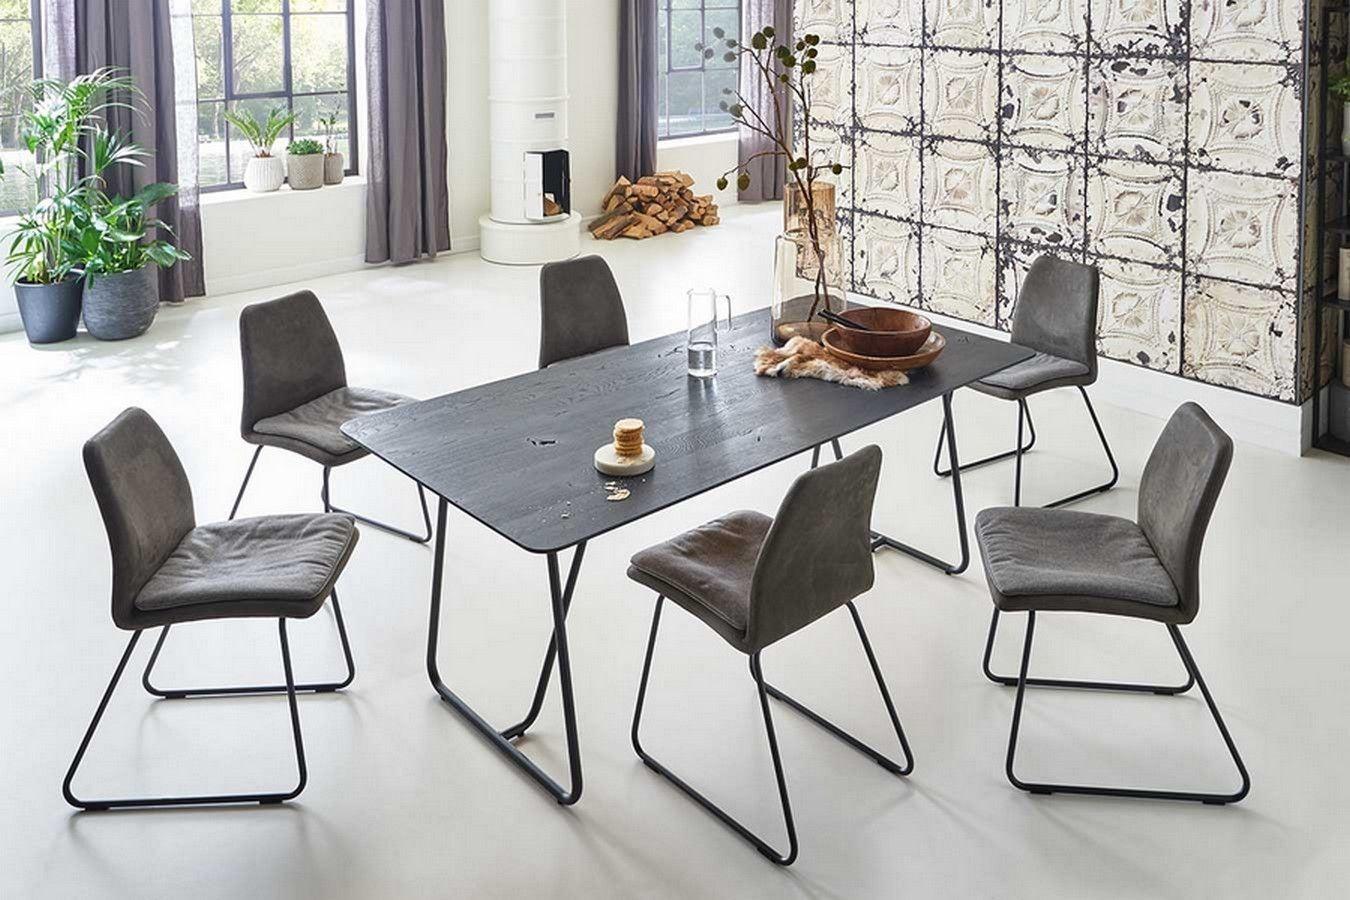 Design Tisch Eicheplatte Und Holzbeine Online Bei Lagerhaus De Gartenmobel Sets Design Tisch Tisch